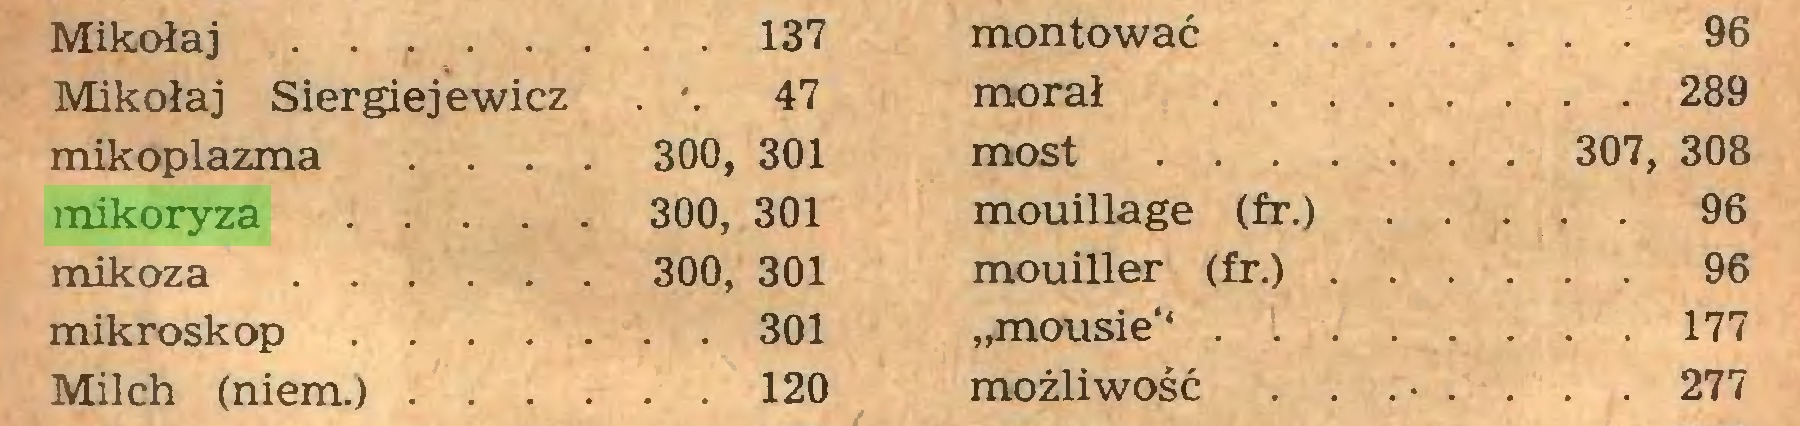 """(...) Mikołaj . 137 montować ... 96 Mikołaj Siergiejewicz . '. 47 morał 289 mikoplazma ... 300, 301 most 307, 308 mikoryza 300, 301 mouillage (fr.) 96 mikoza 300, 301 mouiller (fr.) 96 mikroskop 301 """"mousie'* 177 Milch (niem.) 120 możliwość ... 277..."""